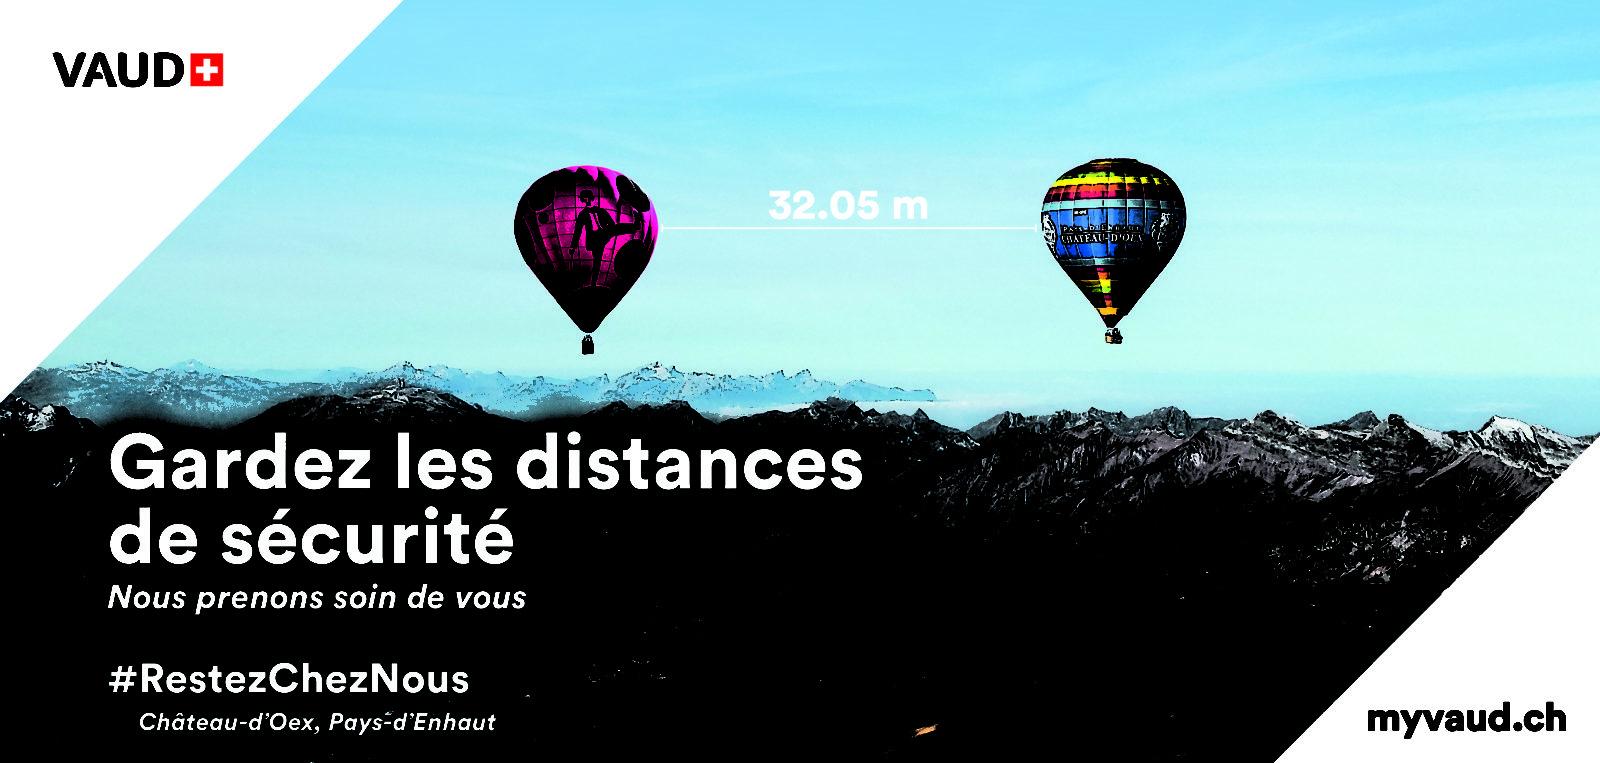 L'Office du Tourisme du Canton de Vaud lance une vaste campagne de promotion